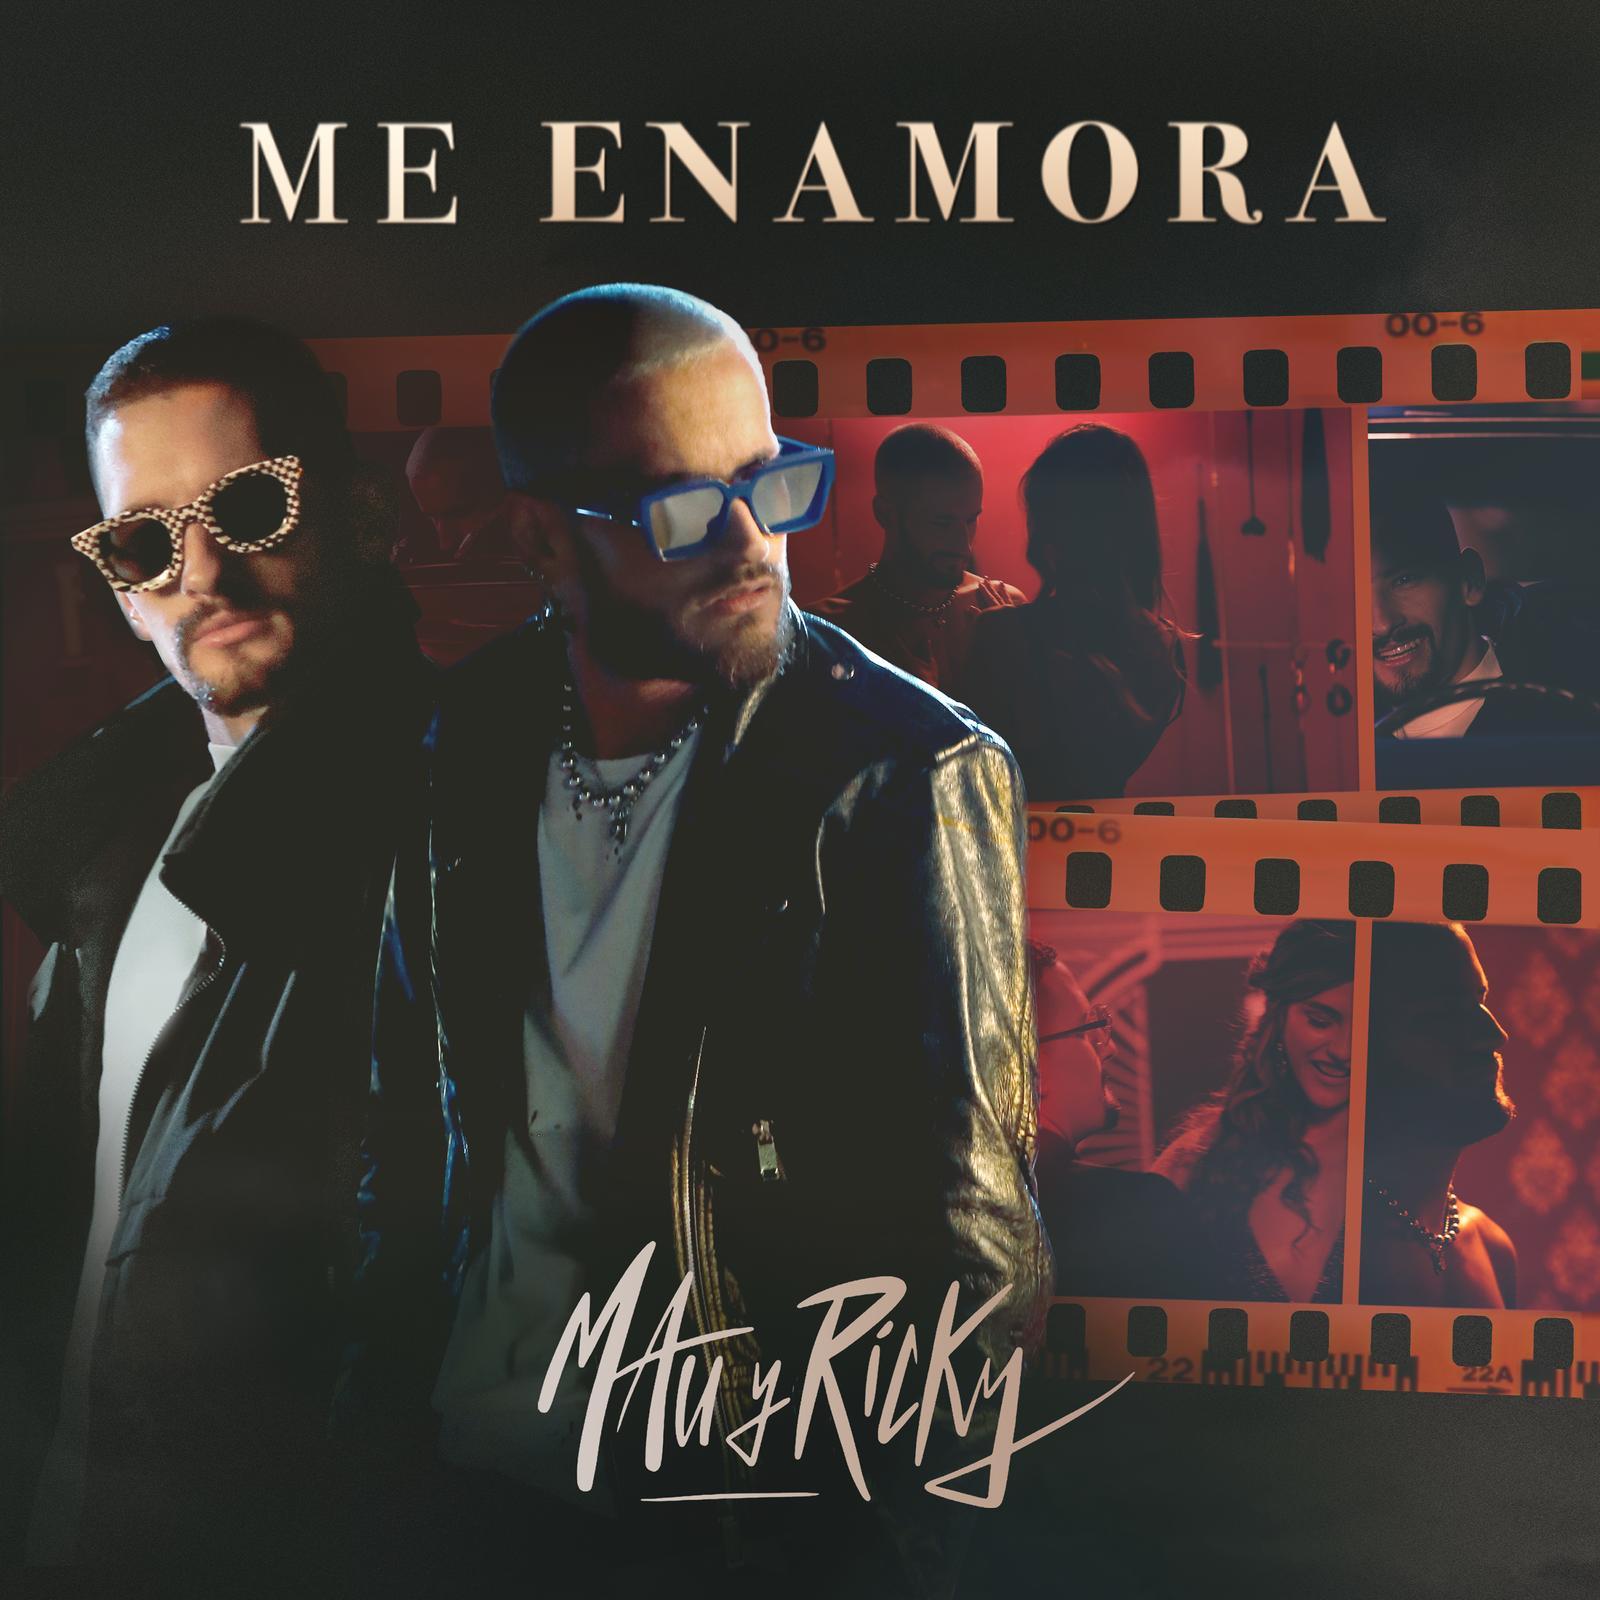 """MAU Y RICKY lanzan su nuevo sencillo """"ME ENAMORA"""""""